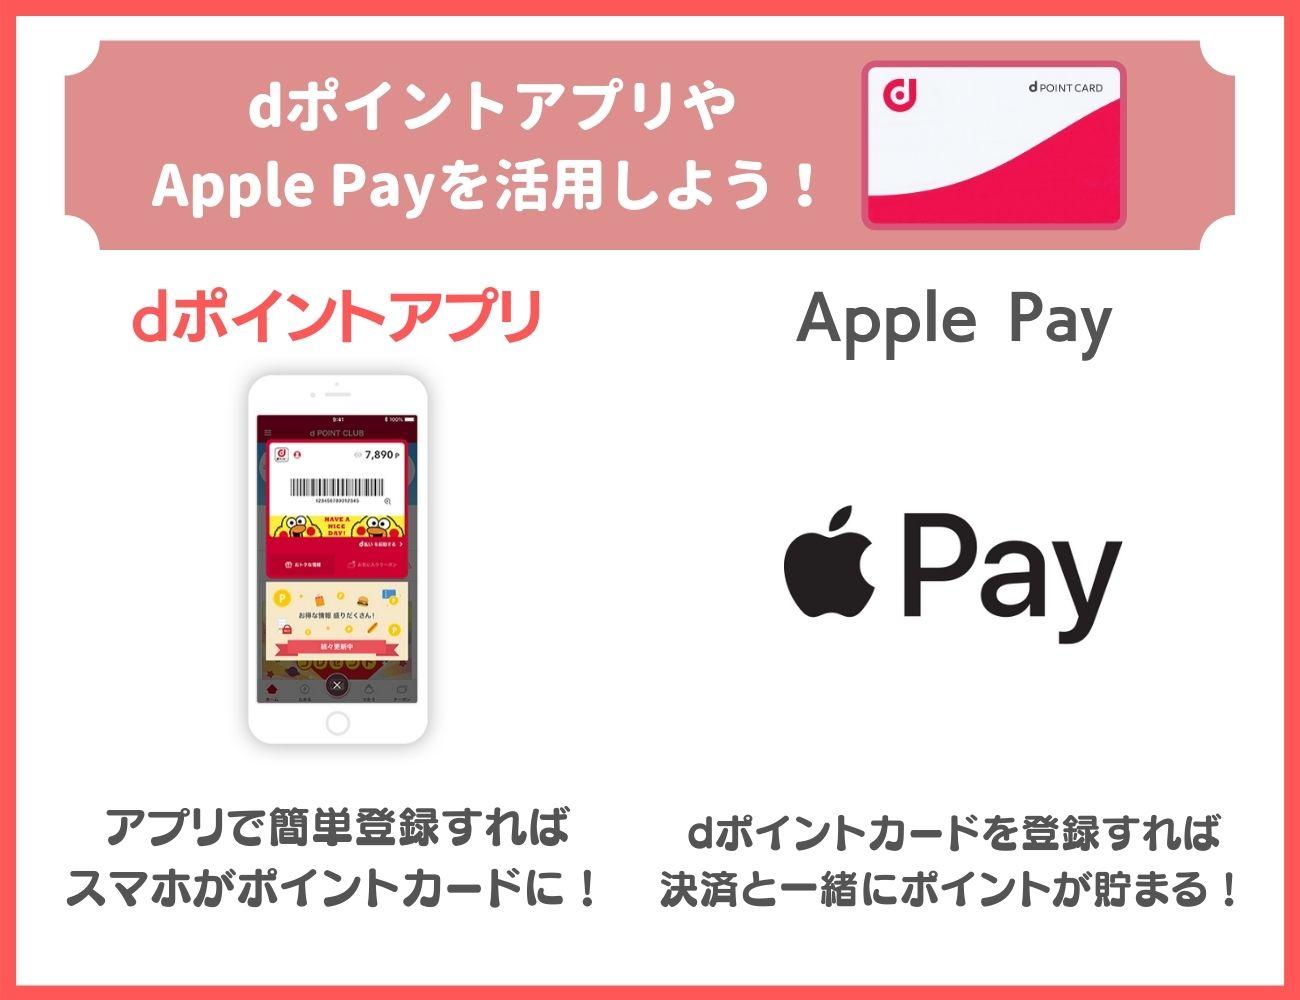 かさばるdポイントカードが嫌ならdポイントアプリやApple Payに登録も可能!